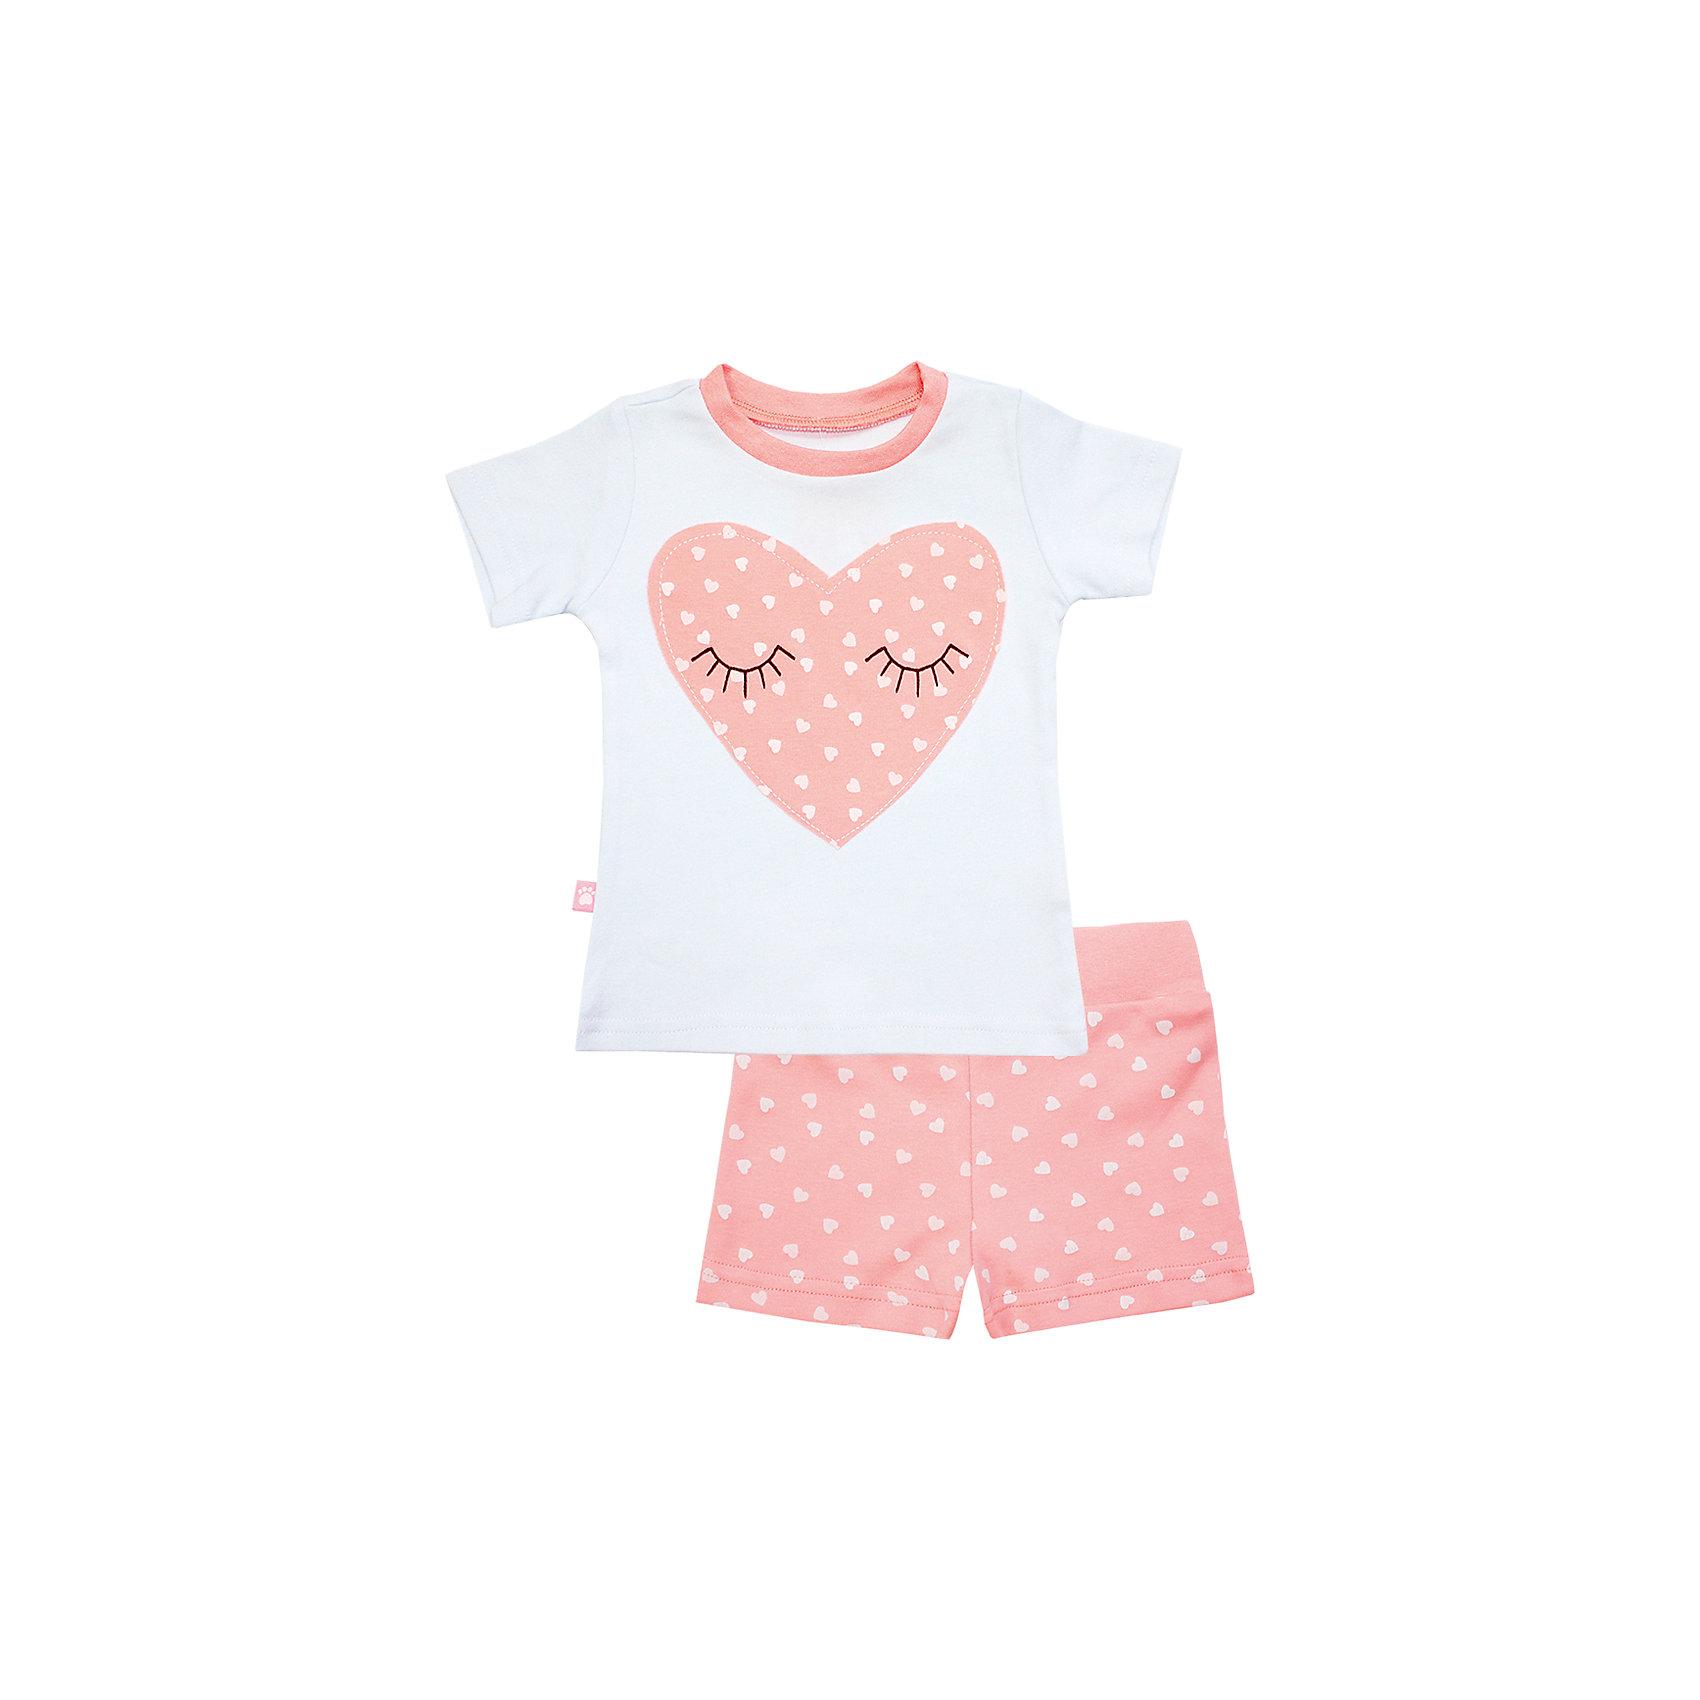 Пижама: футболка и шорты для девочки KotMarKotПижамы и сорочки<br>Пижама: футболка и шорты для девочки от известного бренда KotMarKot<br>Состав:<br>100% хлопок<br><br>Ширина мм: 281<br>Глубина мм: 70<br>Высота мм: 188<br>Вес г: 295<br>Цвет: розовый<br>Возраст от месяцев: 48<br>Возраст до месяцев: 60<br>Пол: Женский<br>Возраст: Детский<br>Размер: 110,122,134,116,128,104<br>SKU: 4873288